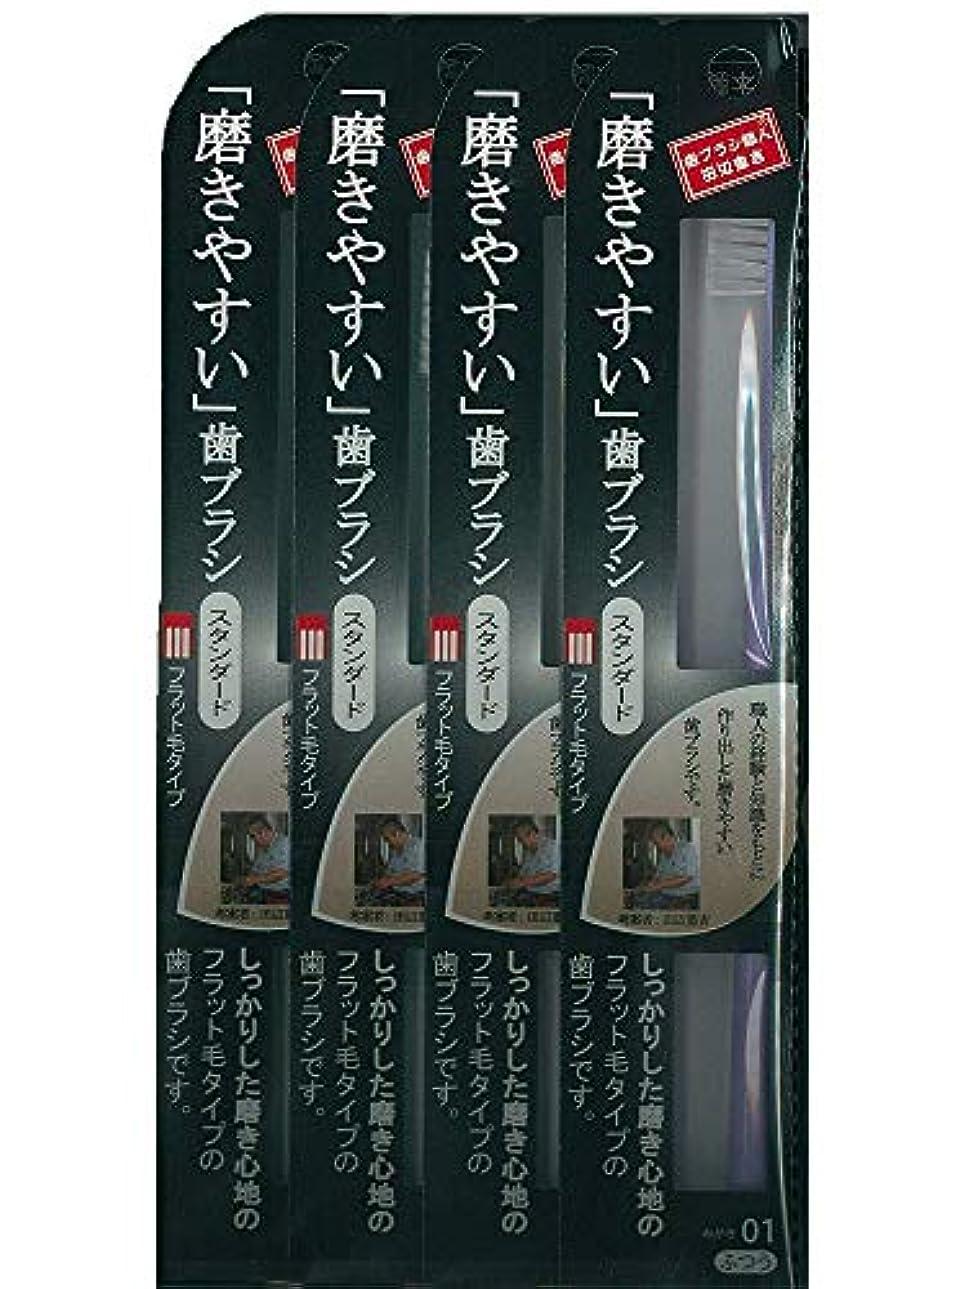 逸脱ハッチ実験室歯ブラシ職人 田辺重吉 磨きやすい歯ブラシ スタンダード フラット毛タイプ LT-01 (1本×4個セット)